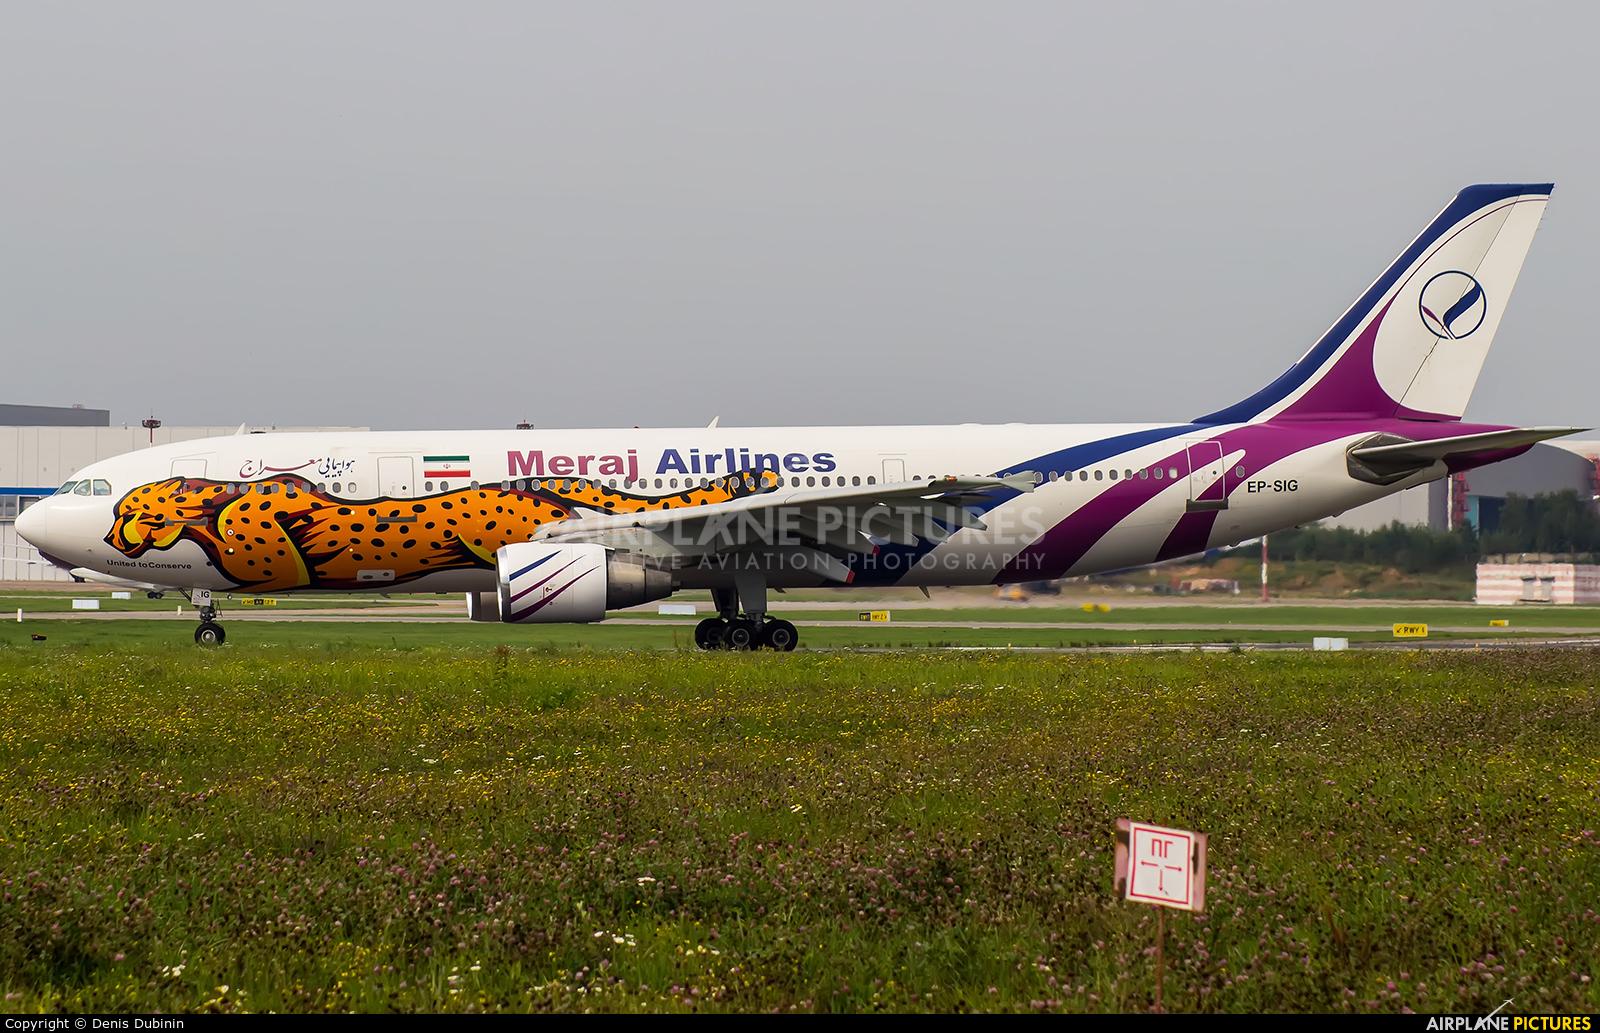 Meraj Airlines EP-SIG aircraft at Moscow - Vnukovo